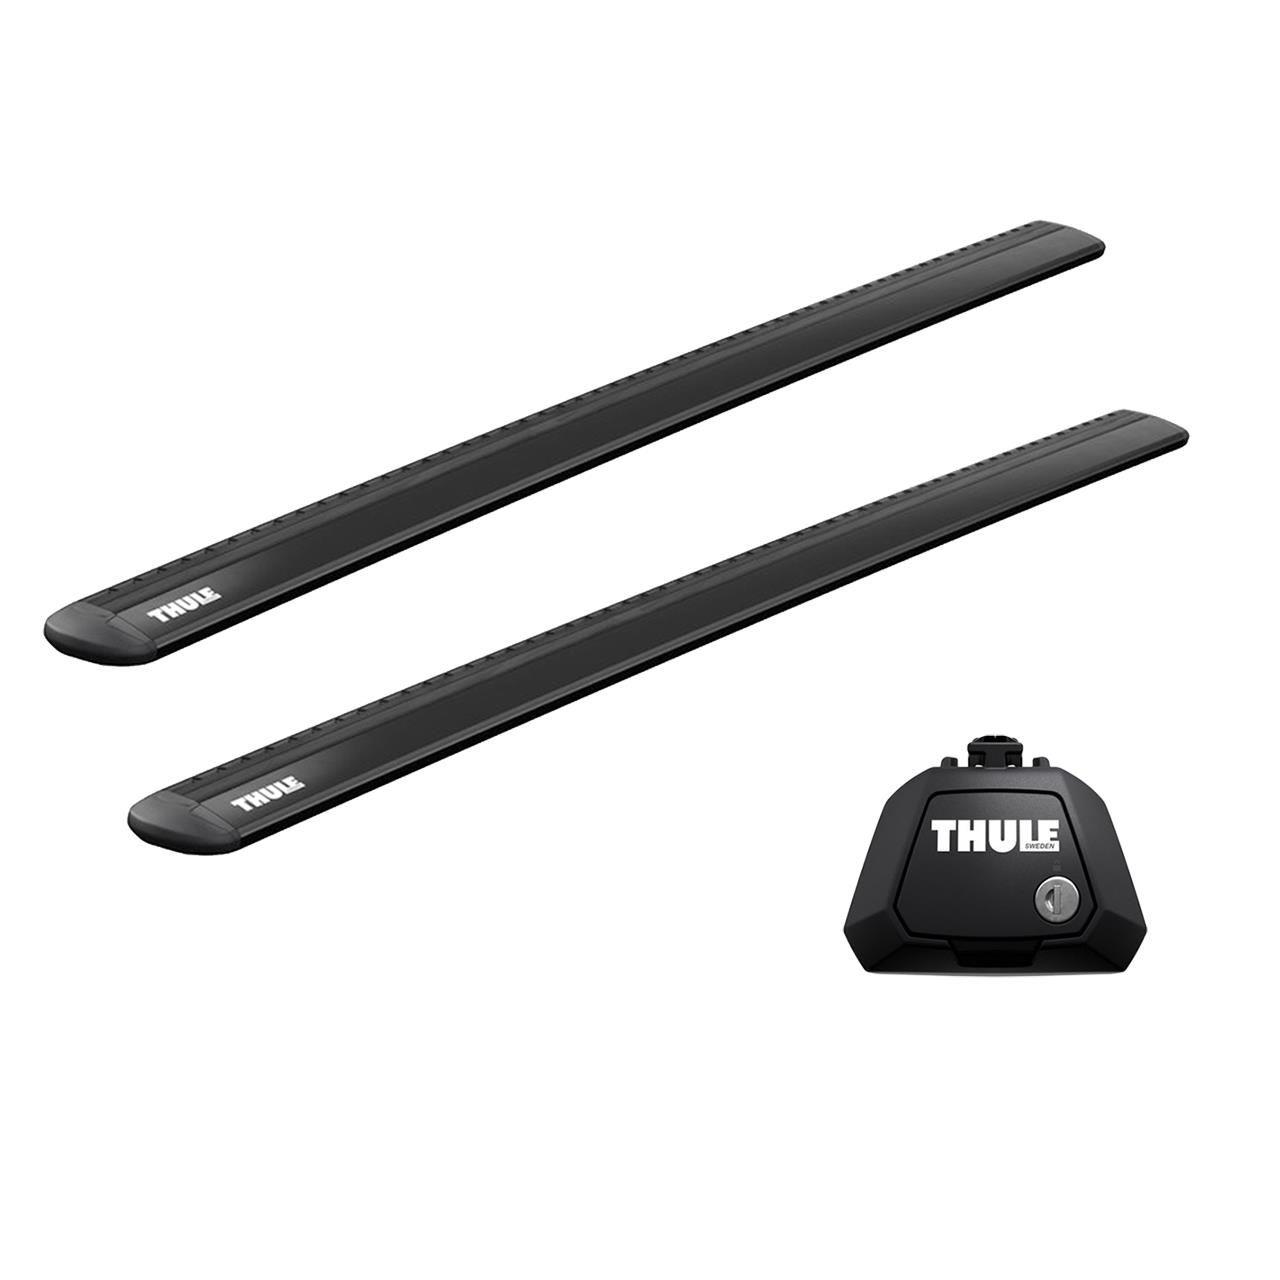 Напречни греди Thule Evo Raised Rail WingBar Evo 127cm в Черно за CITROEN C3 X-TR 5 врати MPV 04-08 с фабрични надлъжни греди с просвет 1